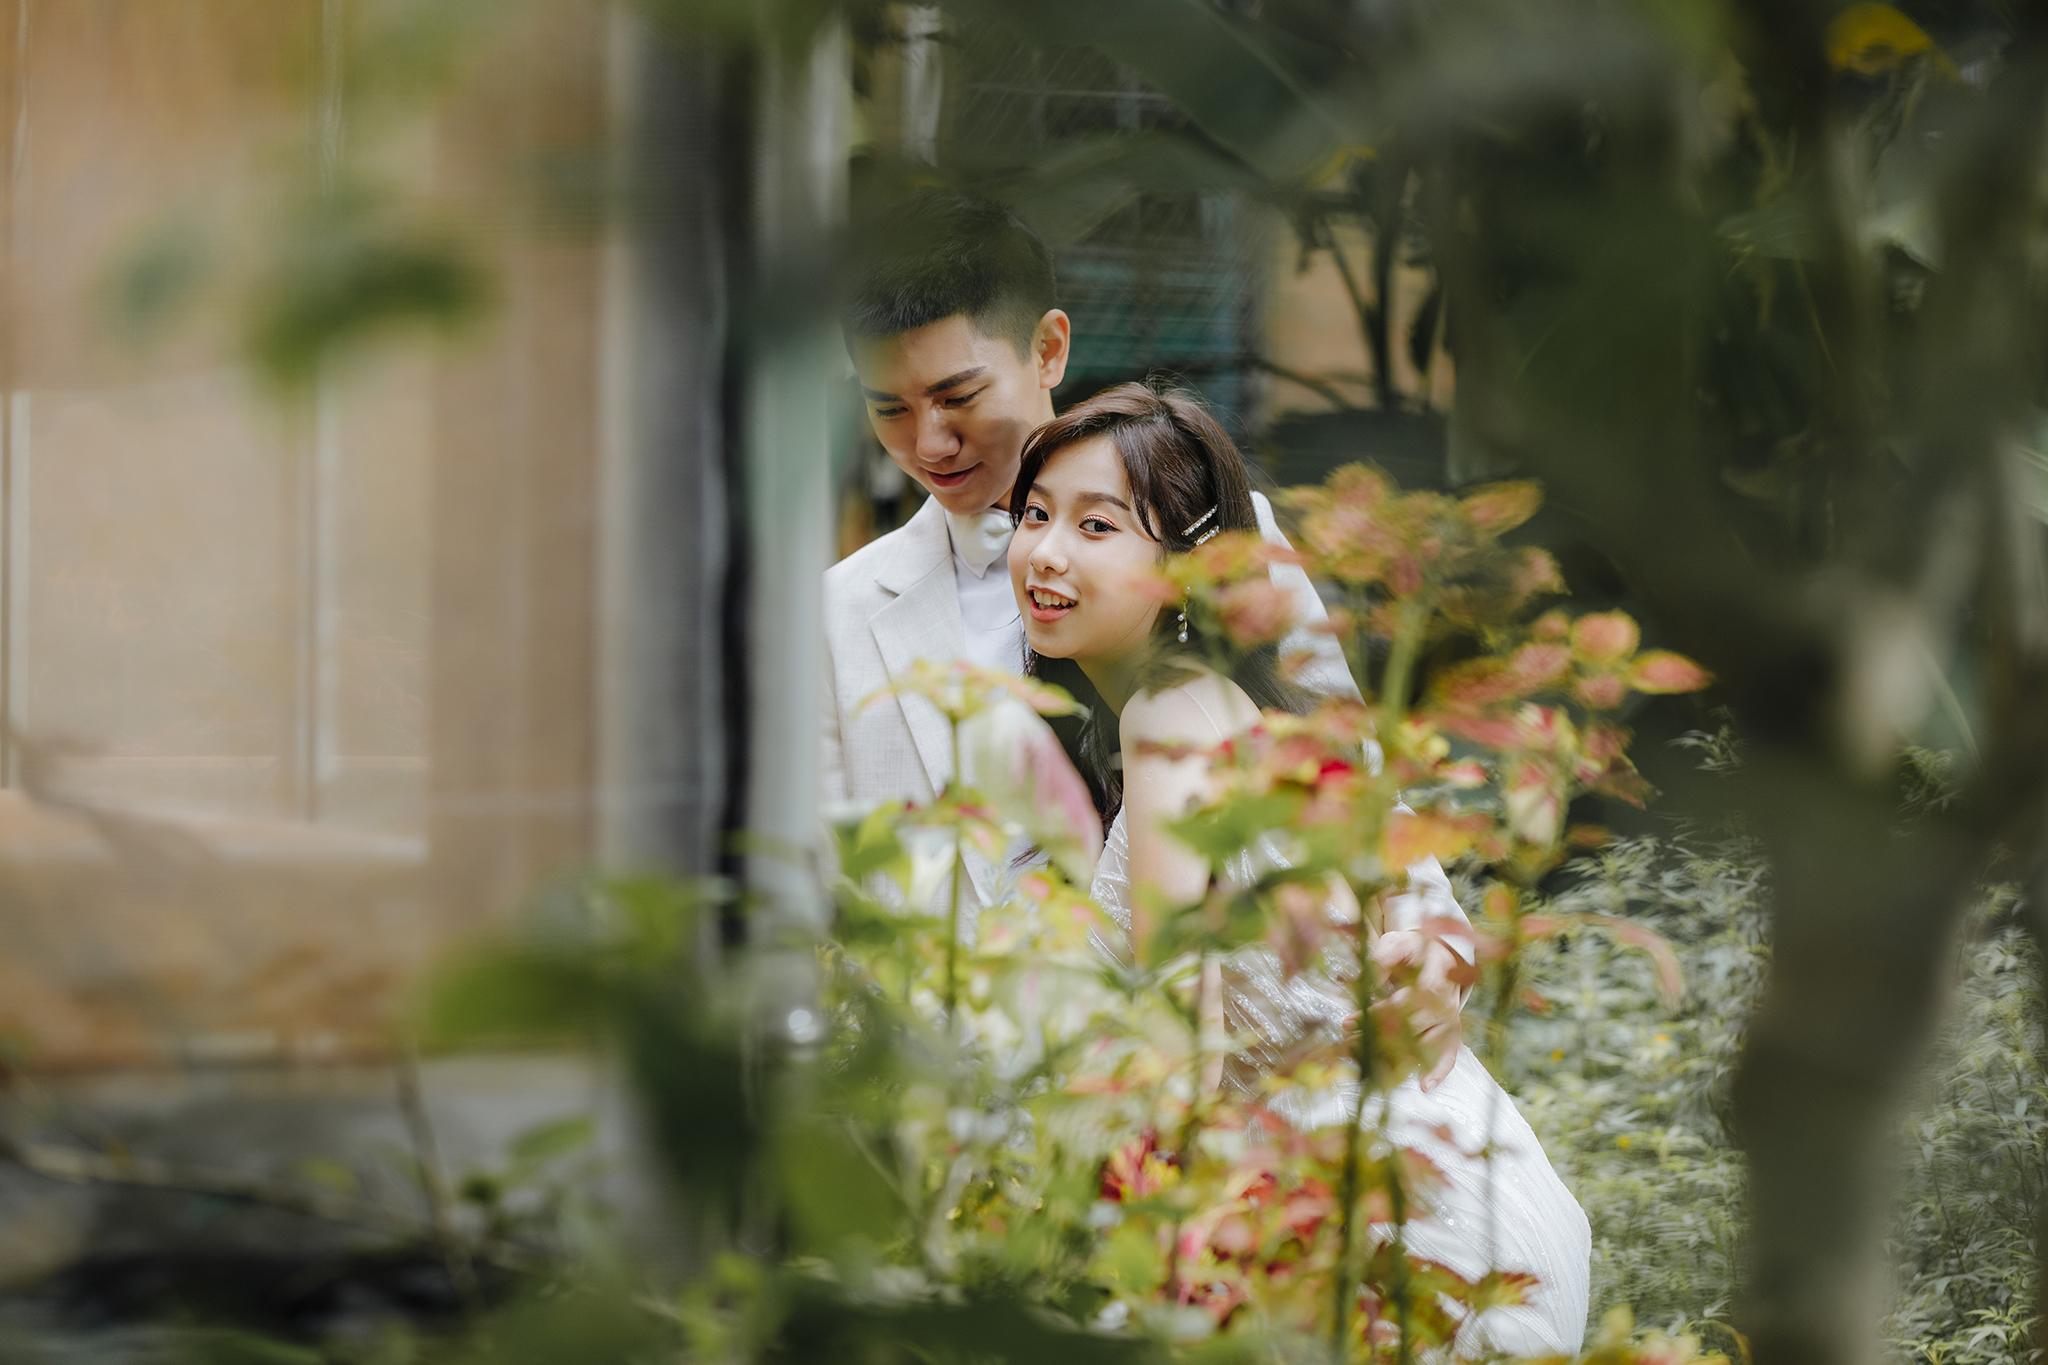 47985627716 fe9bbc943a o - 【自主婚紗】+Jared & Arina+